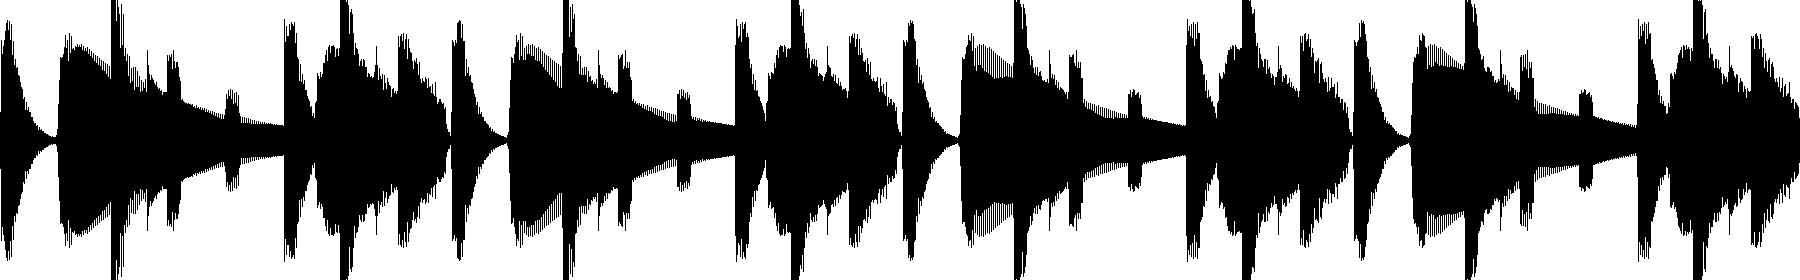 345225 102 bpm boom groove